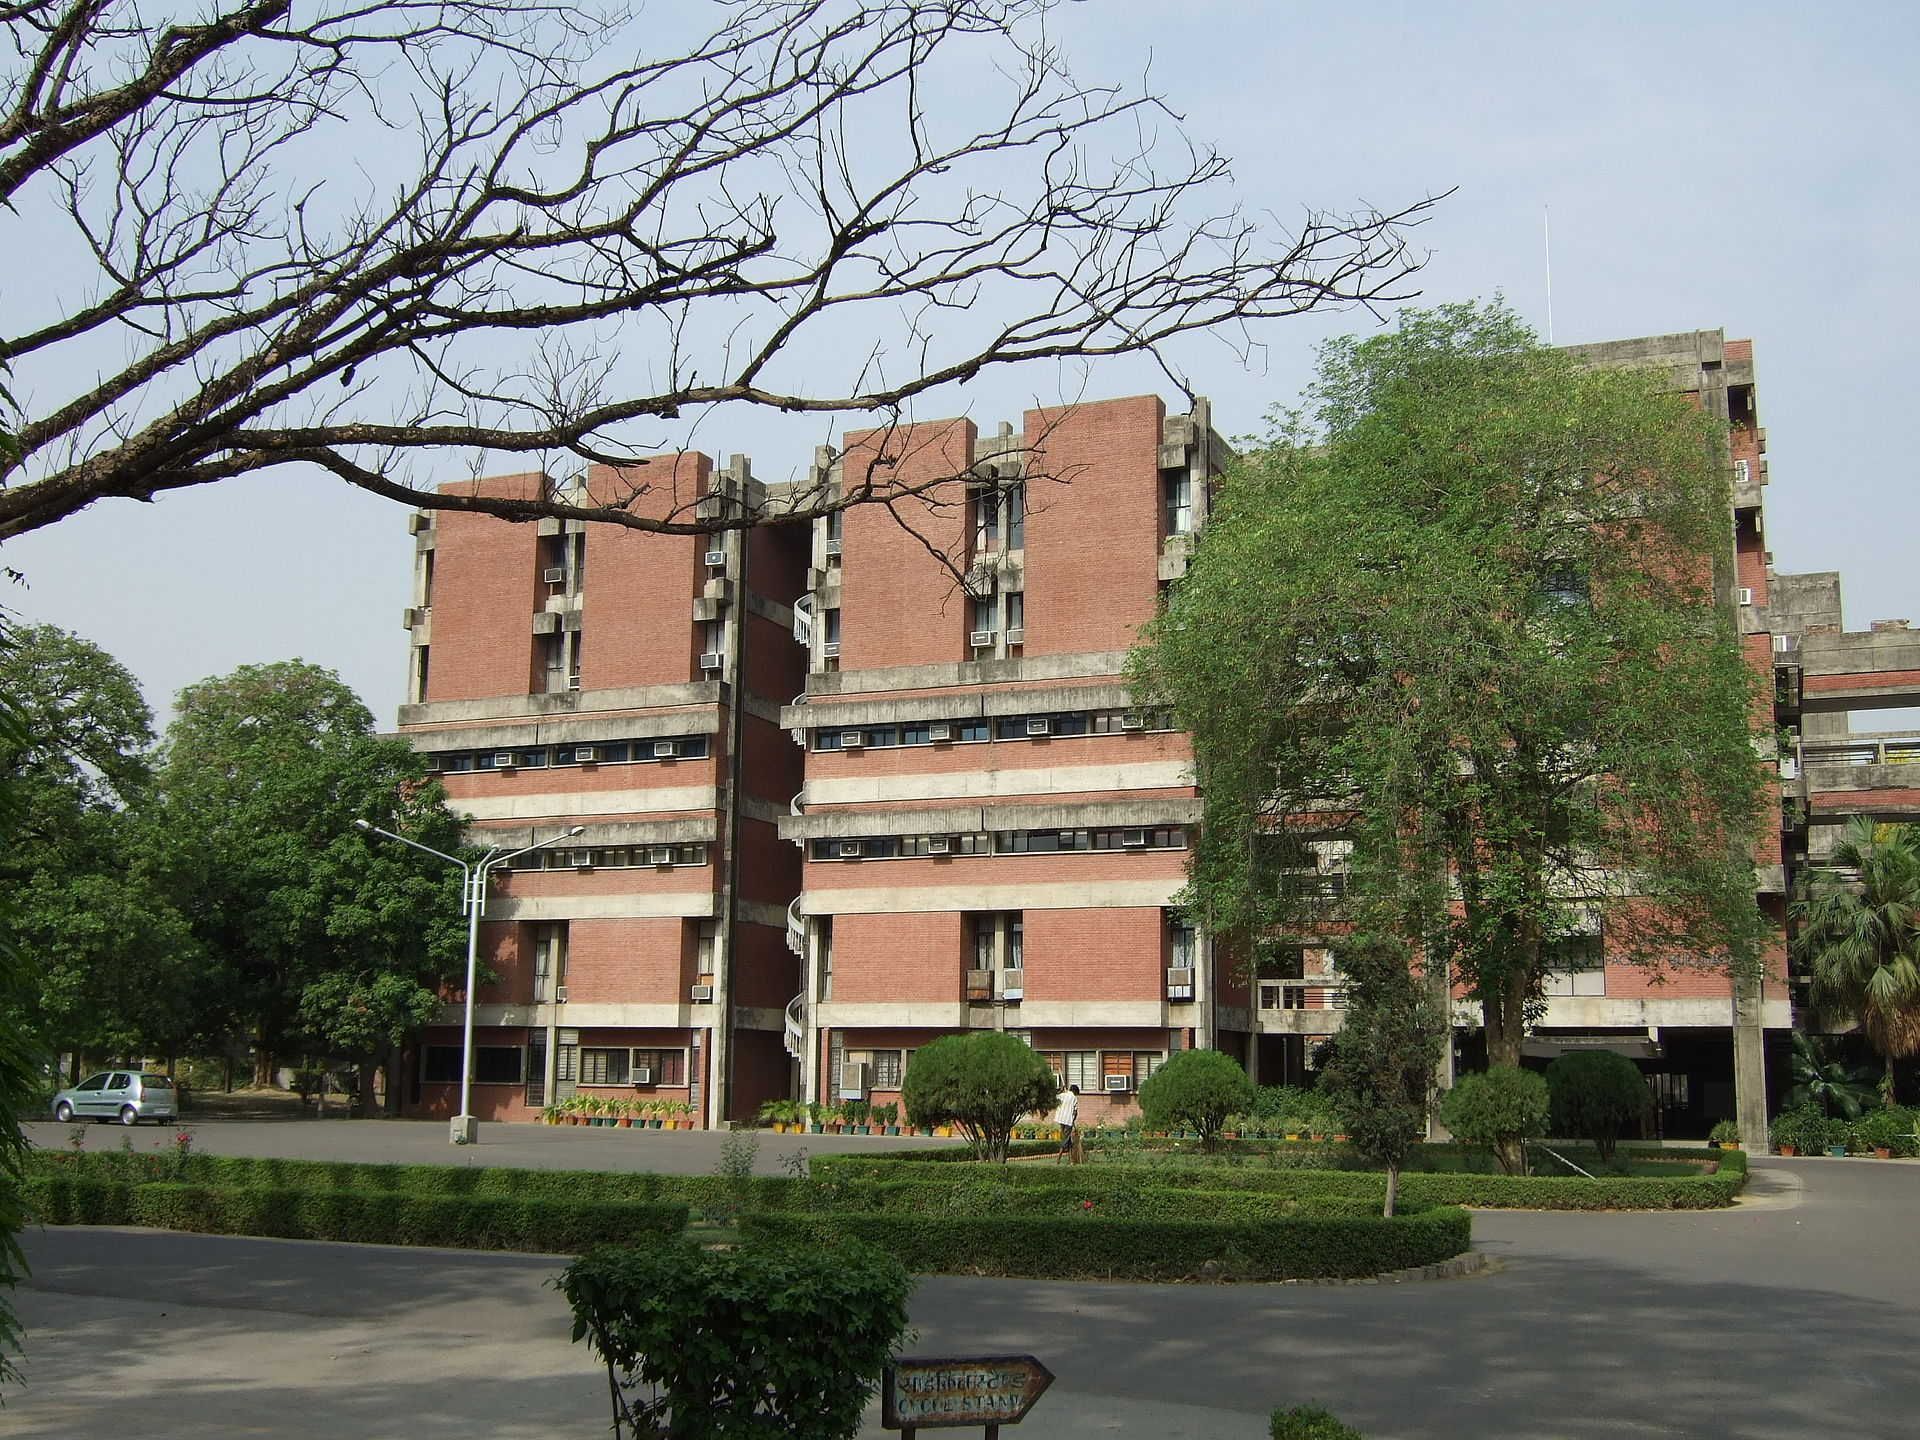 IIT Madras Wikipedia: Mangalore Anantha Pai